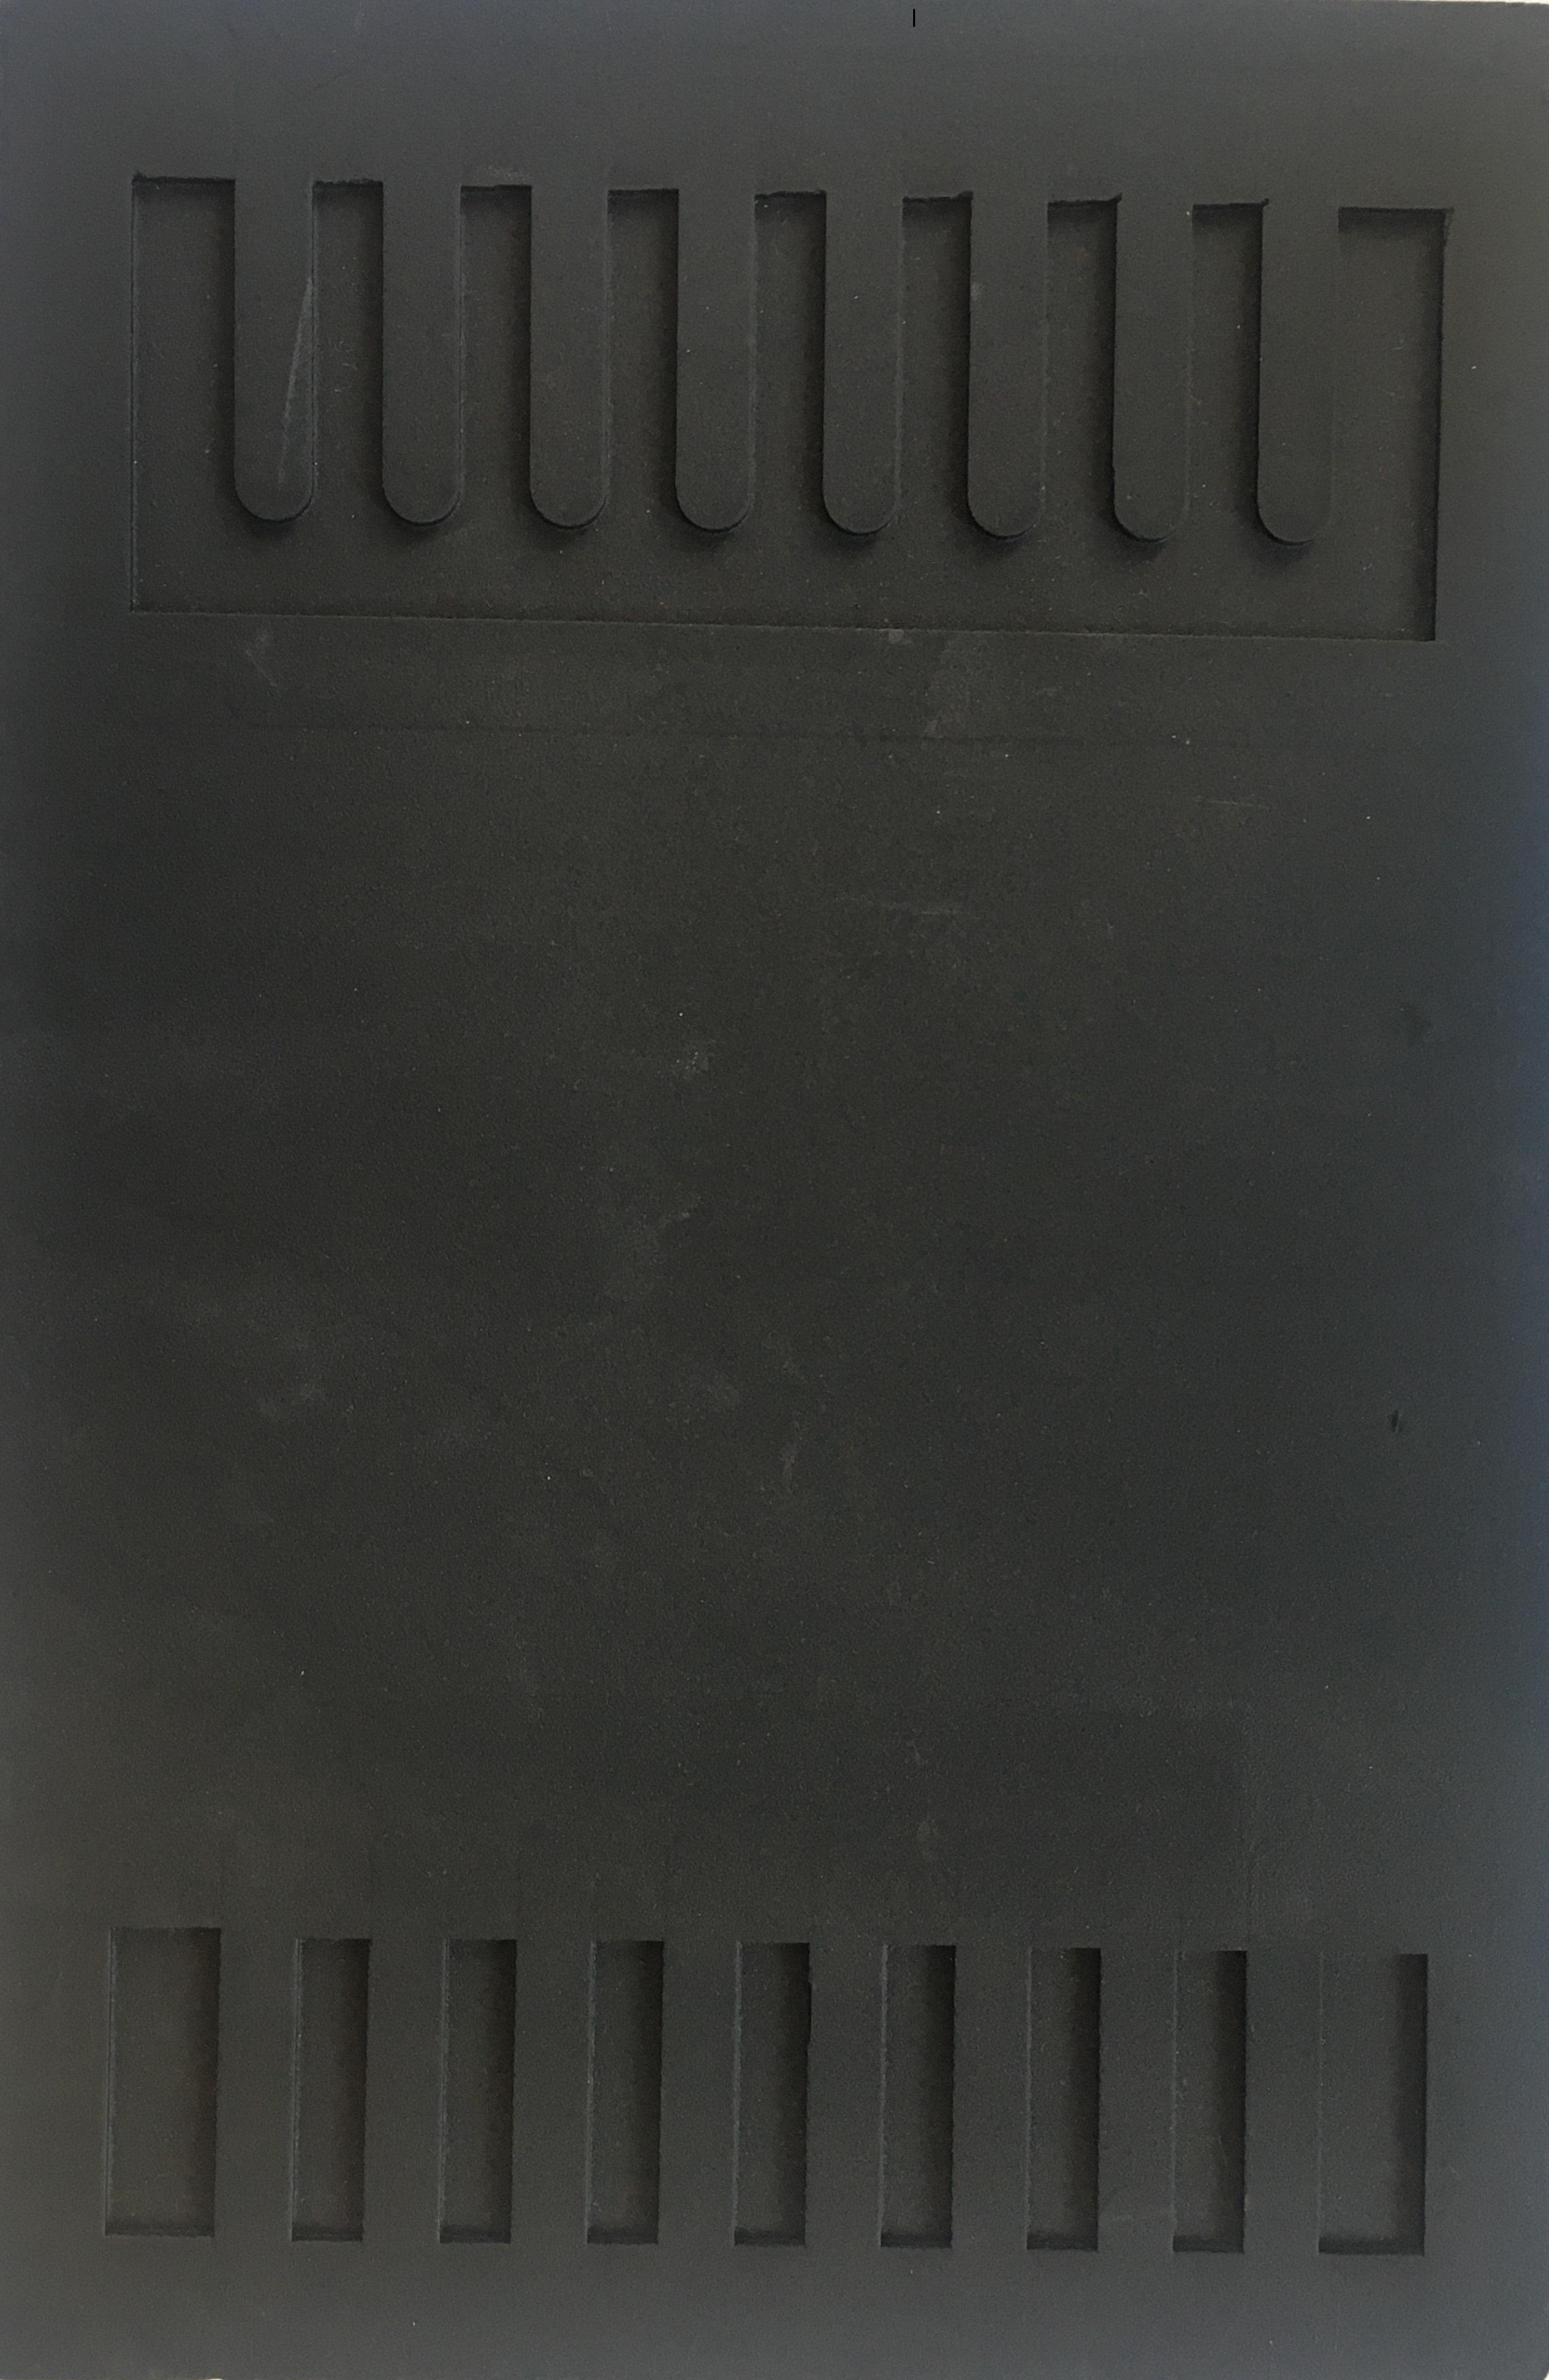 Zástěrky k vozíku gumové, 1 ks, 25x38 cm